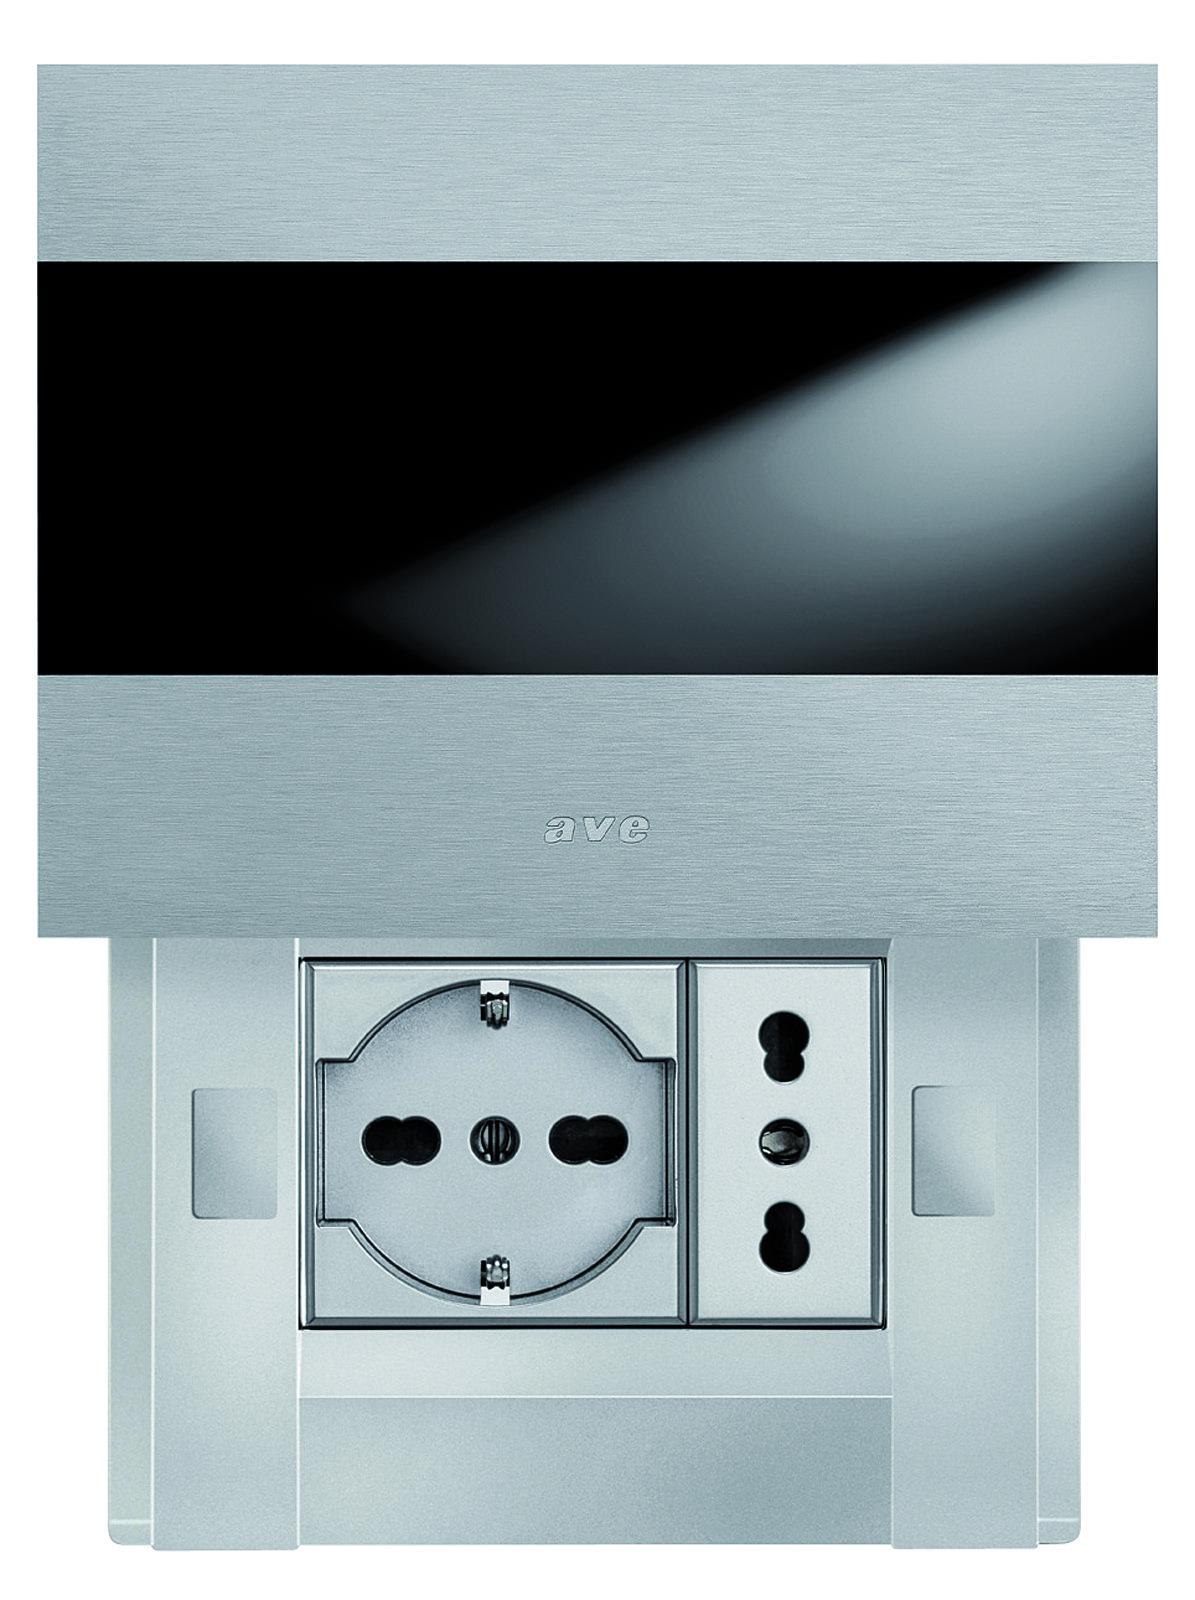 Impianto elettrico nuovo come va fatto cose di casa - Prese elettriche esterne ...